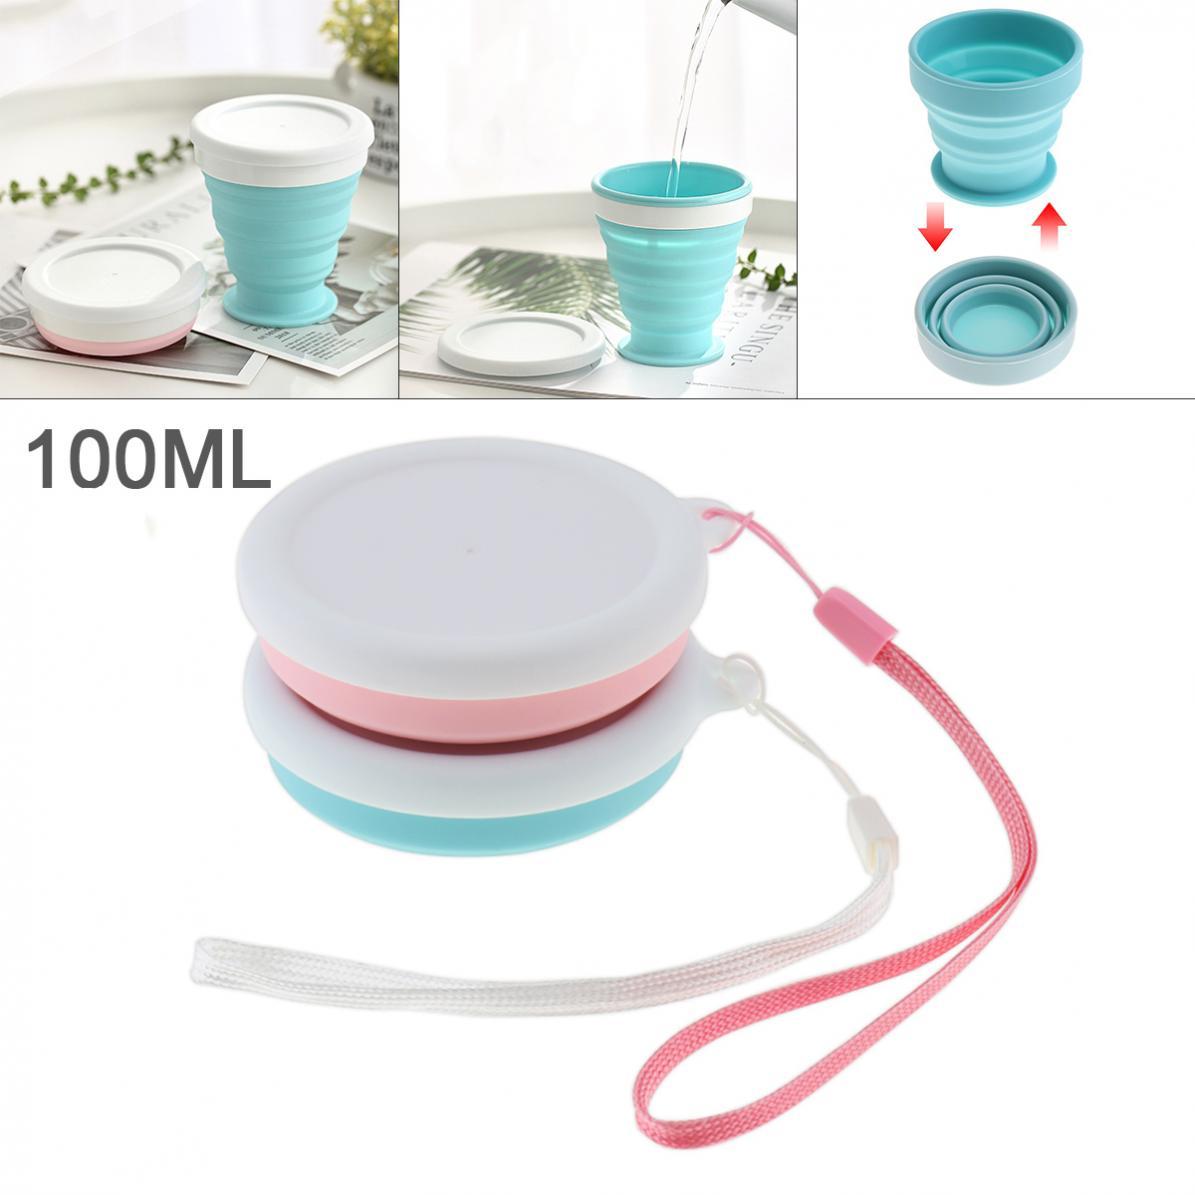 Taza plegable de silicona Circular escalable portátil de 2 colores de 100ML con sujeción para-50 grados centígrados ~ 200 grados centígrados